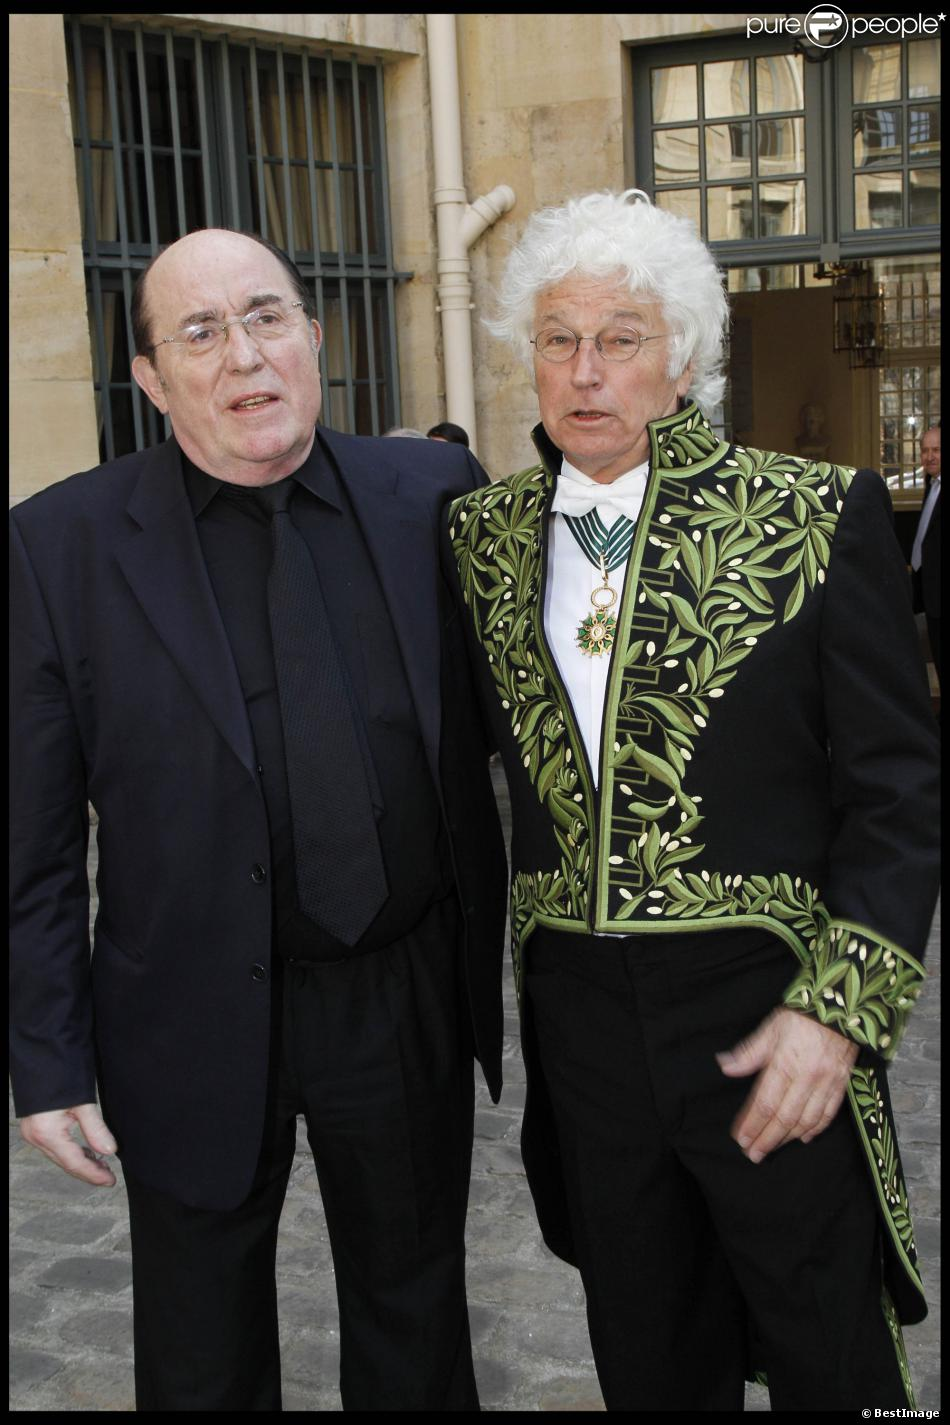 Le dessinateur Philippe Druillet et Jean-Jacques Annaud à l'Académie des Beaux-Arts à Paris le 28 mars 2012.